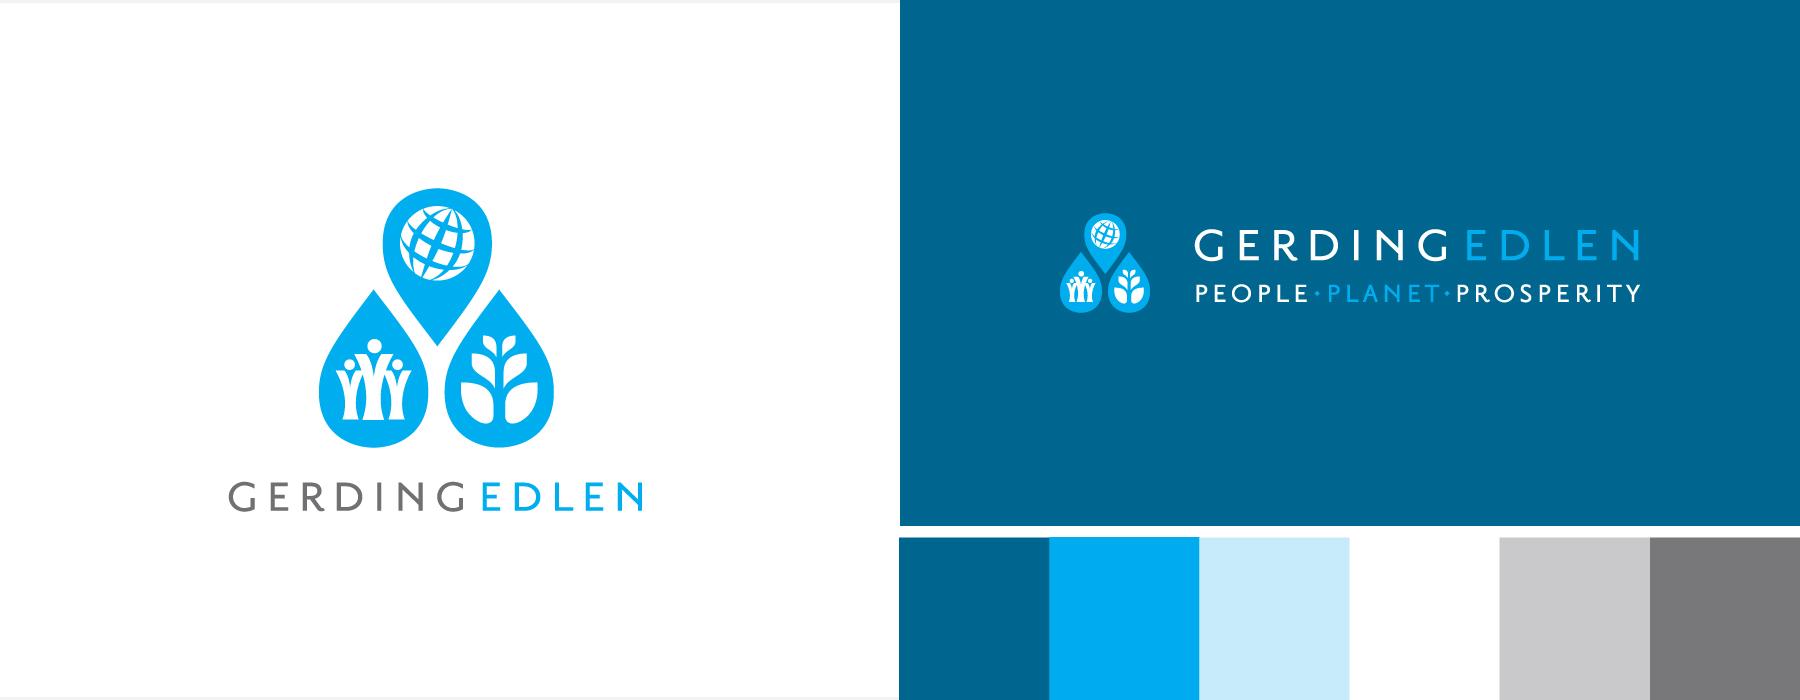 Gerding-Edlen-Brand-Board.jpg